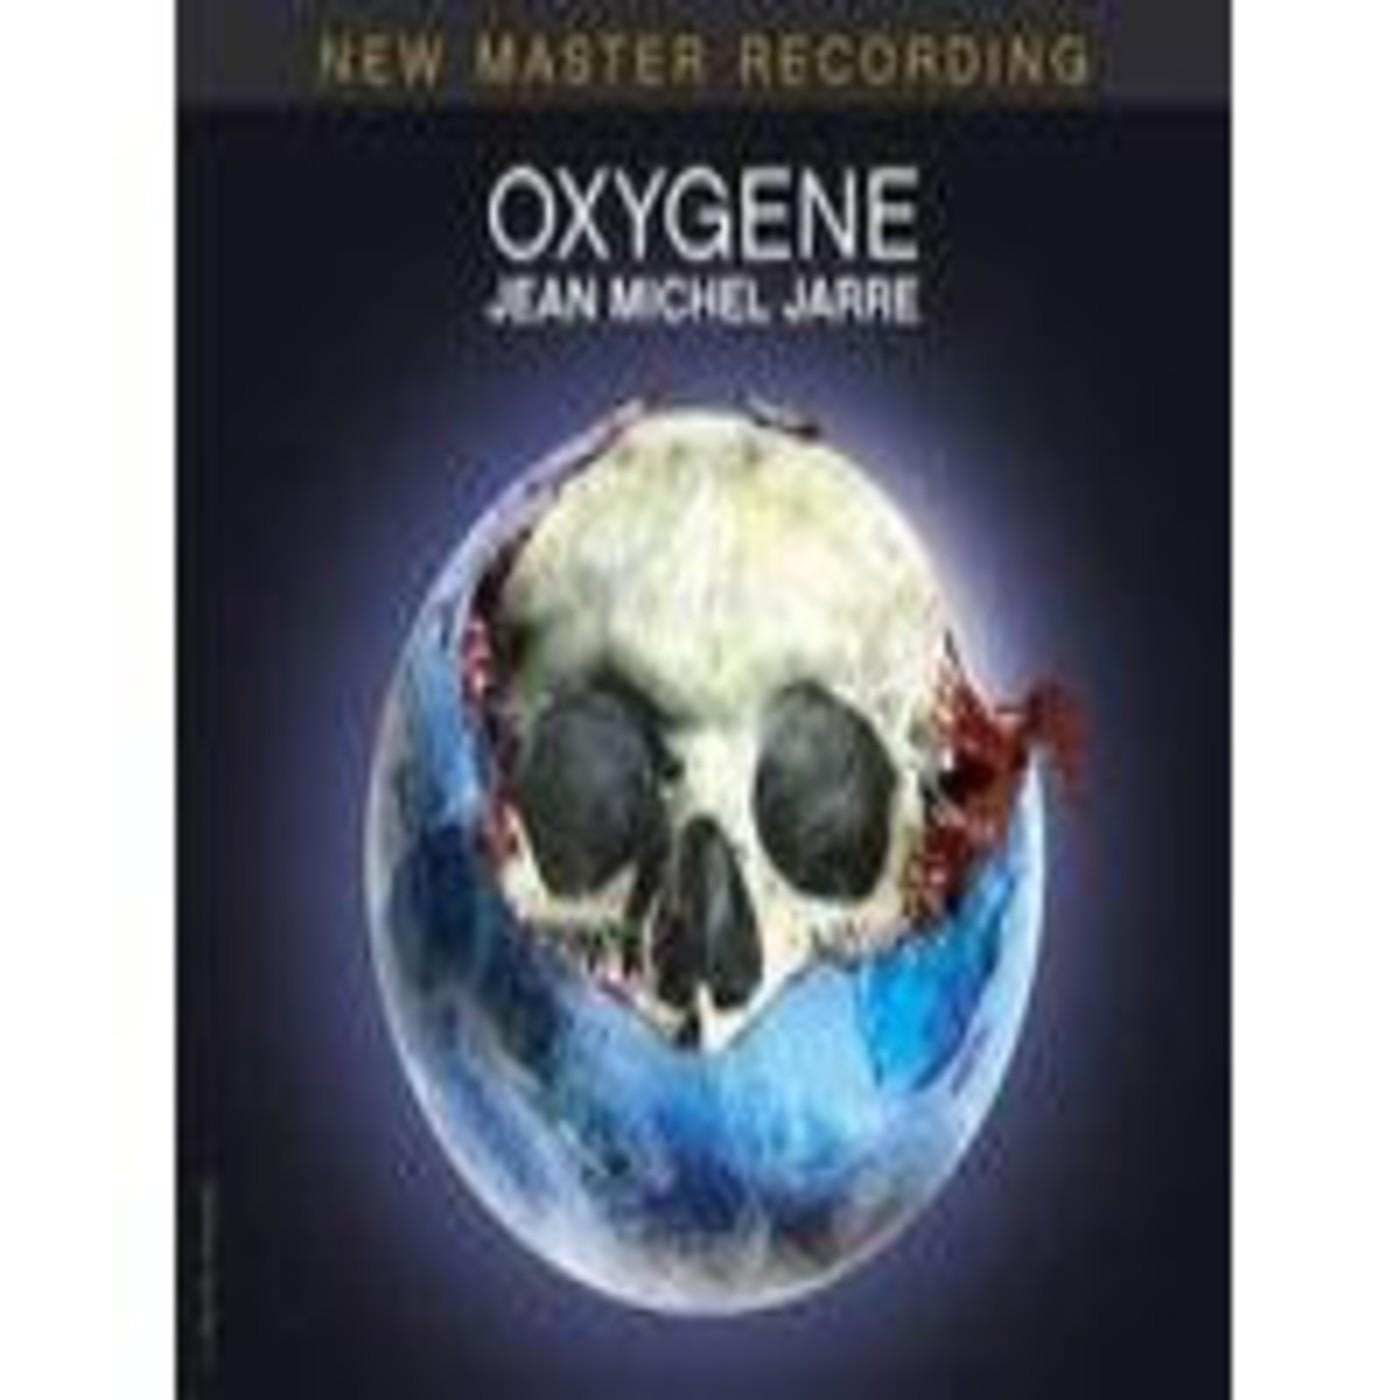 Jean michel jarre oxigene iv en musicas milenio 3 y for Cuarto milenio radio horario